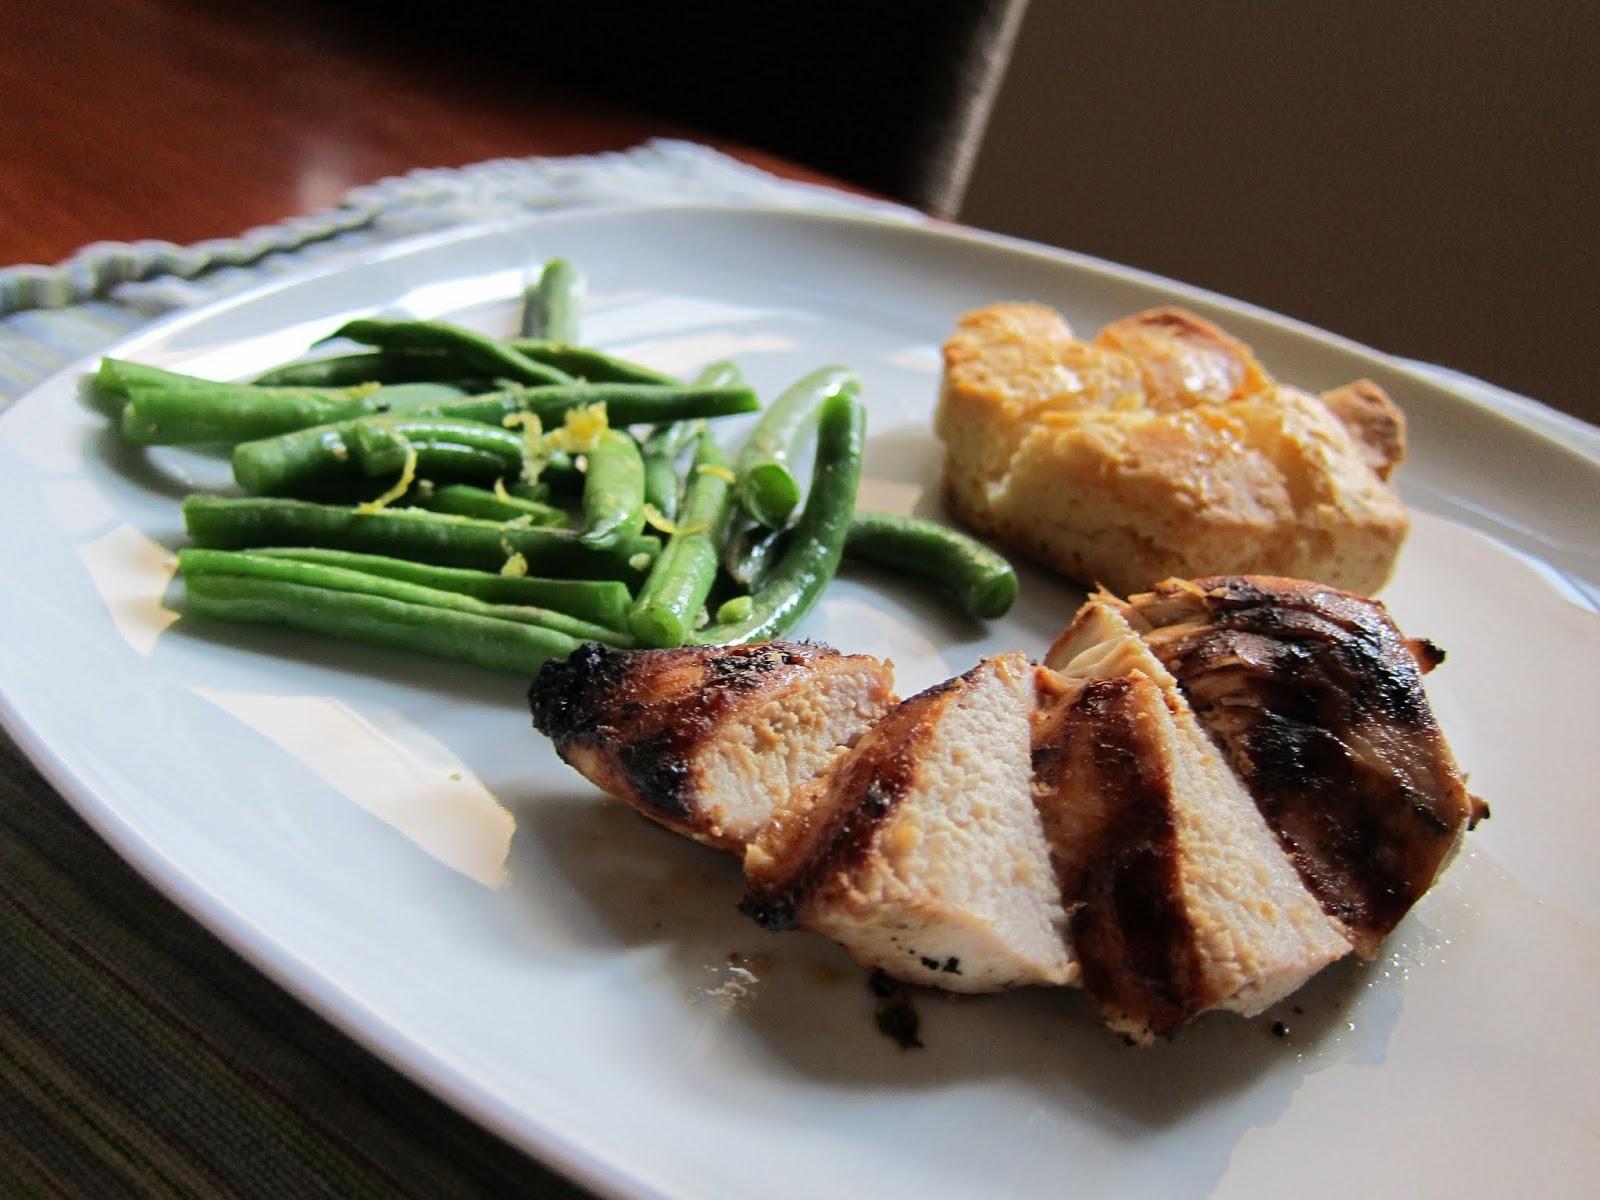 chicken unbelievable unbelievable chicken recipe unbelievable chicken ...